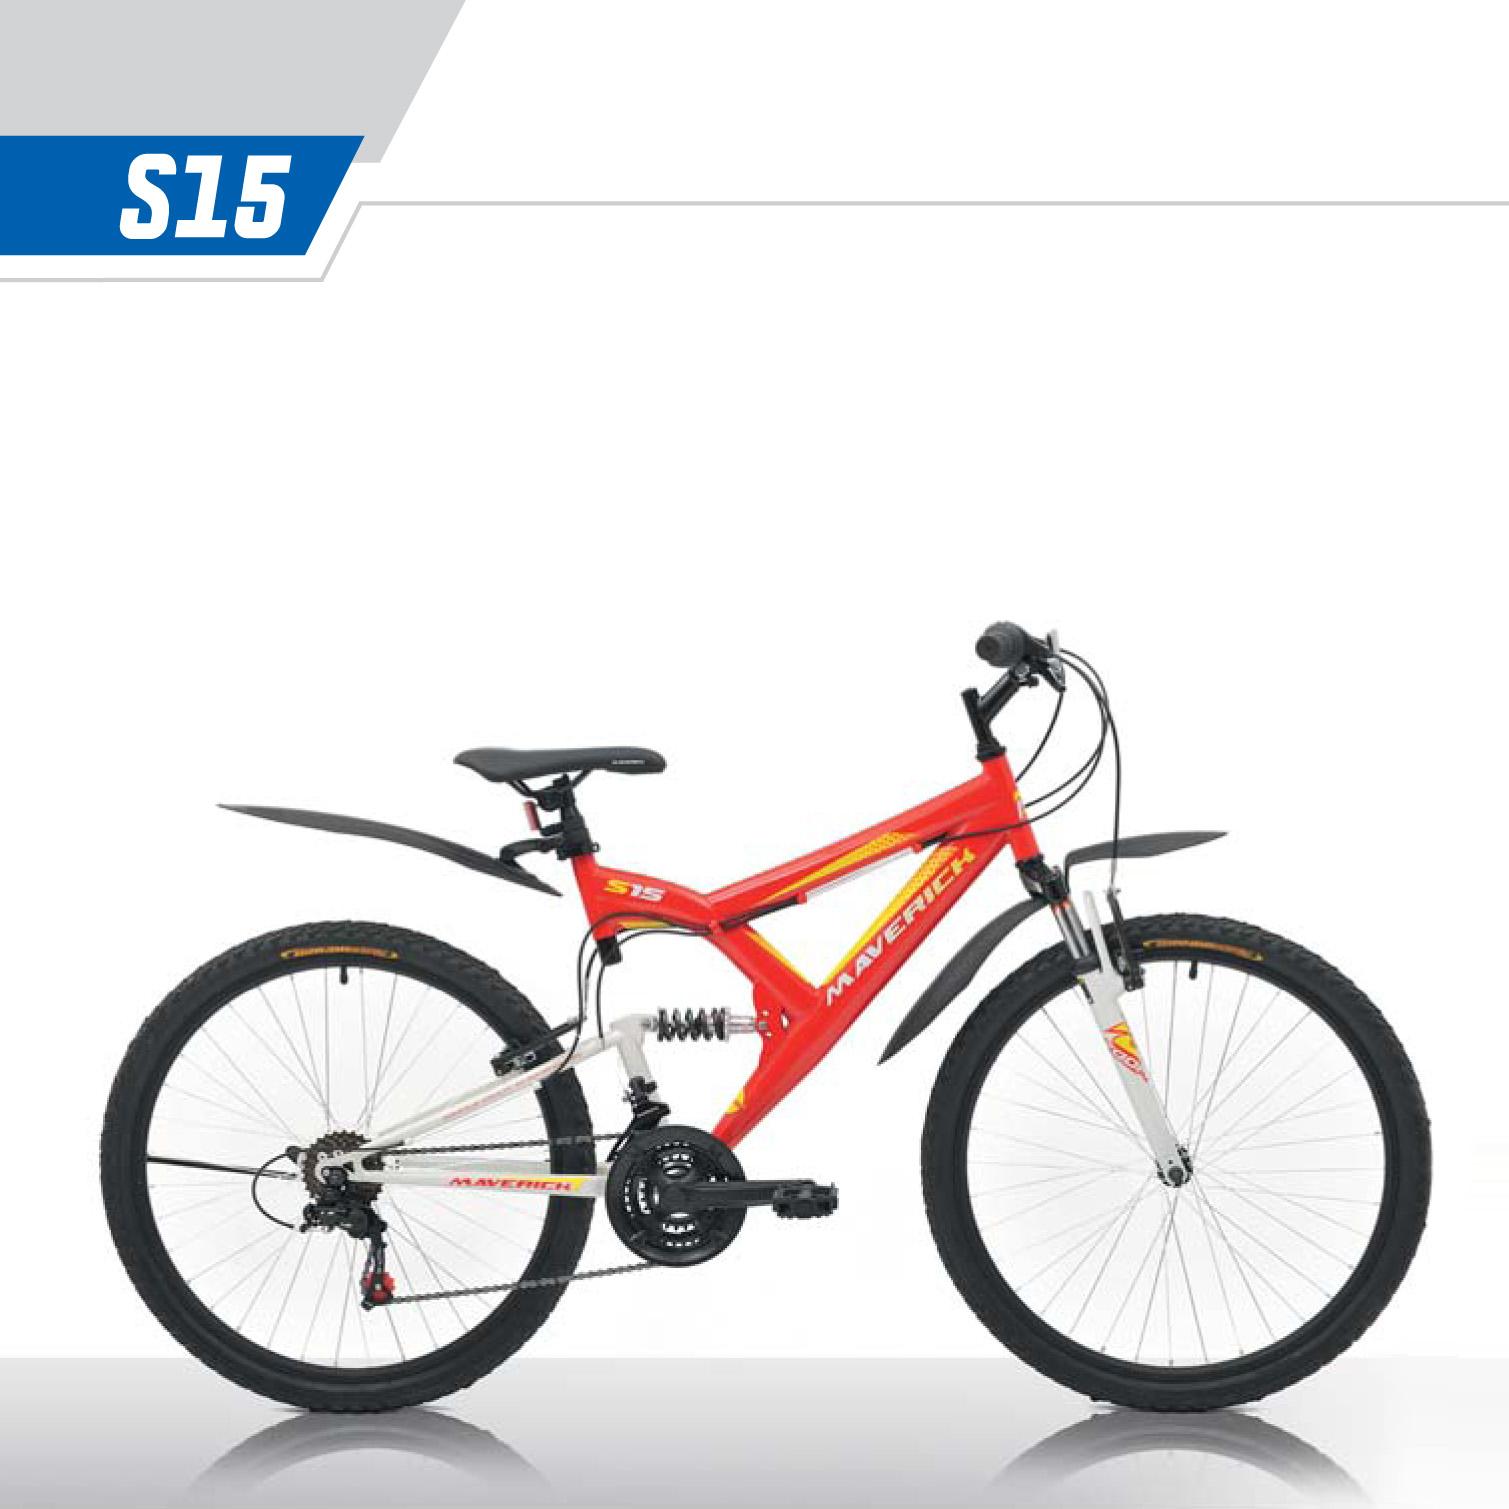 """Велосипед Maverick 26"""" Двухподвес S15,горный,v-brake,рама 18.5 Hi-ten, 21-ск,Красный+белый"""